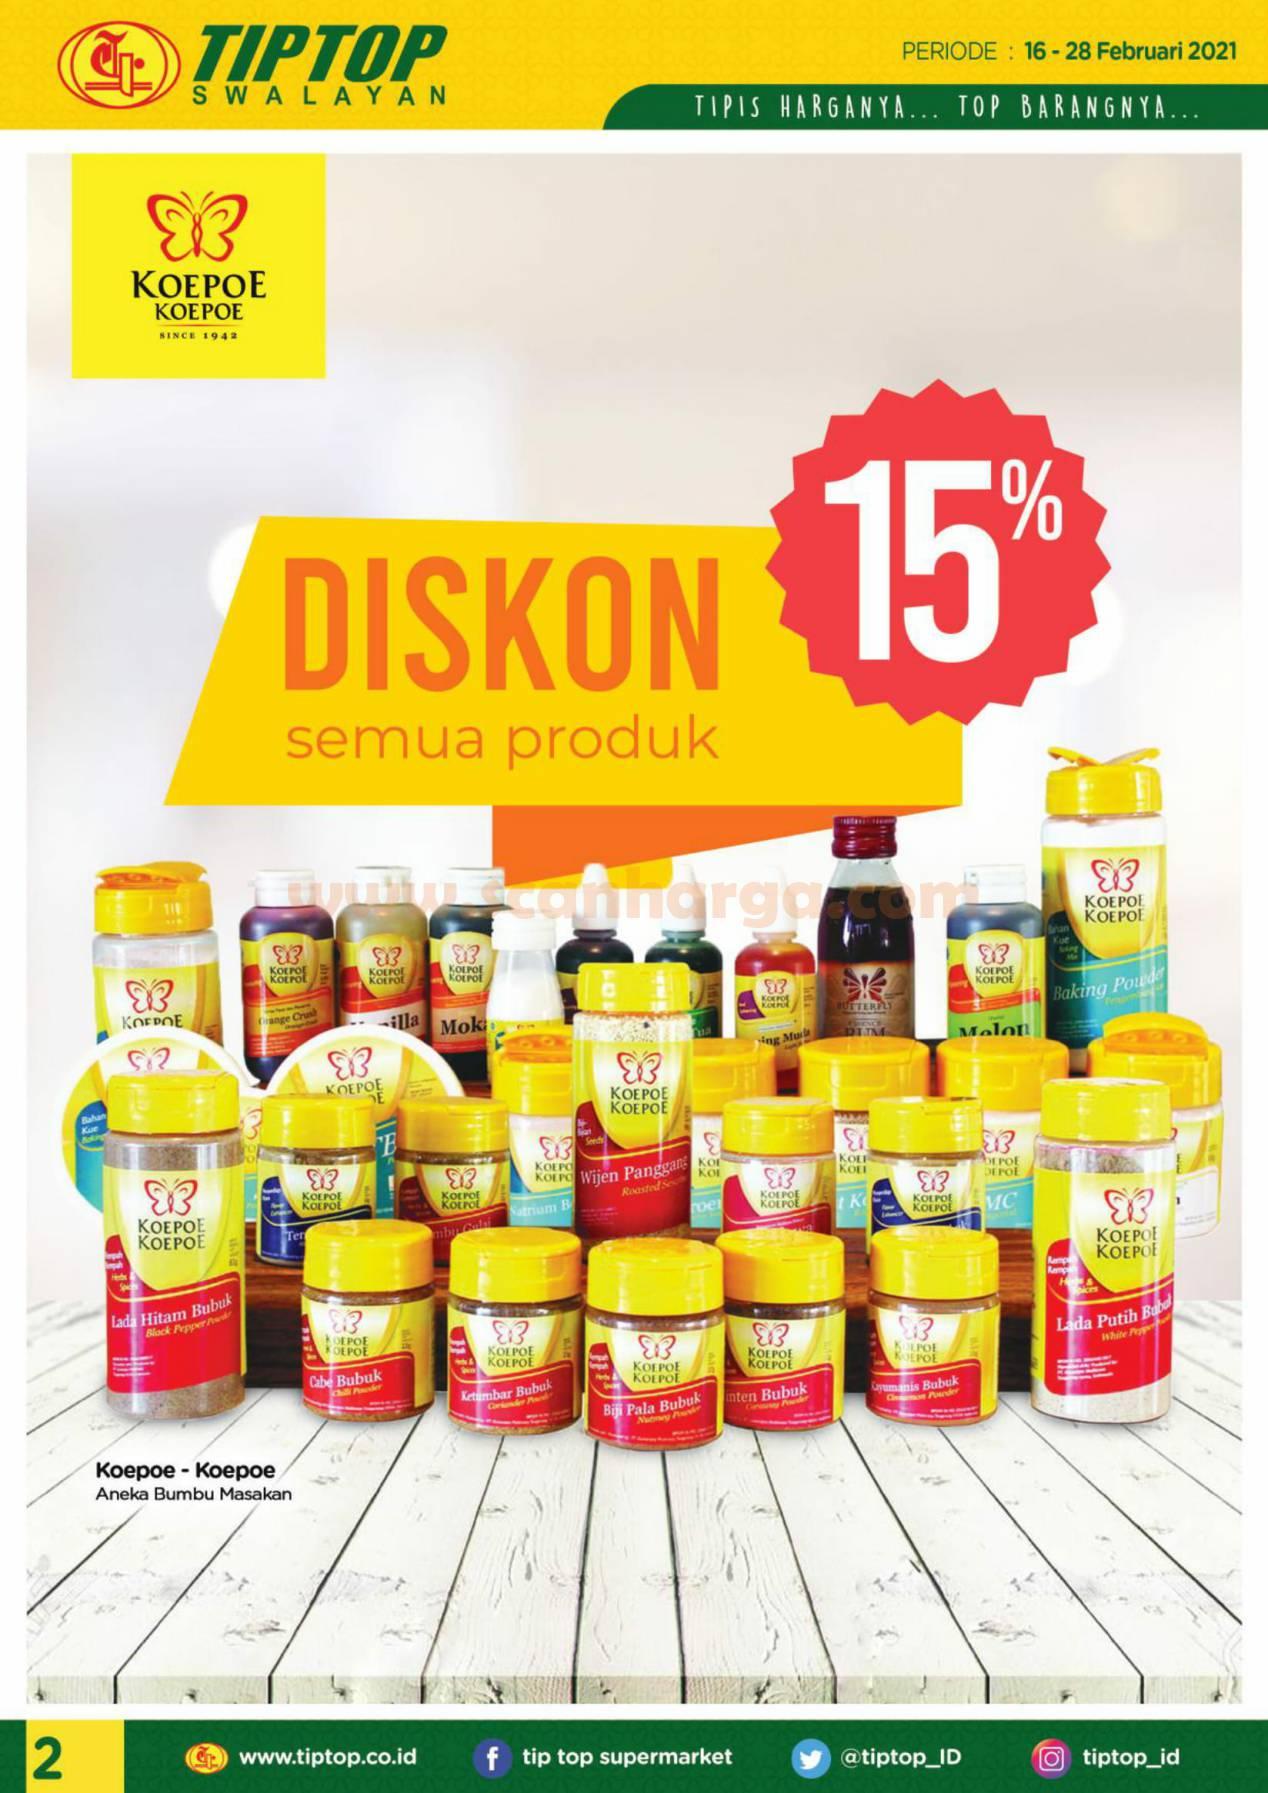 Katalog Promo Tip Top Pasar Swalayan 16 - 28 Februari 2021 2